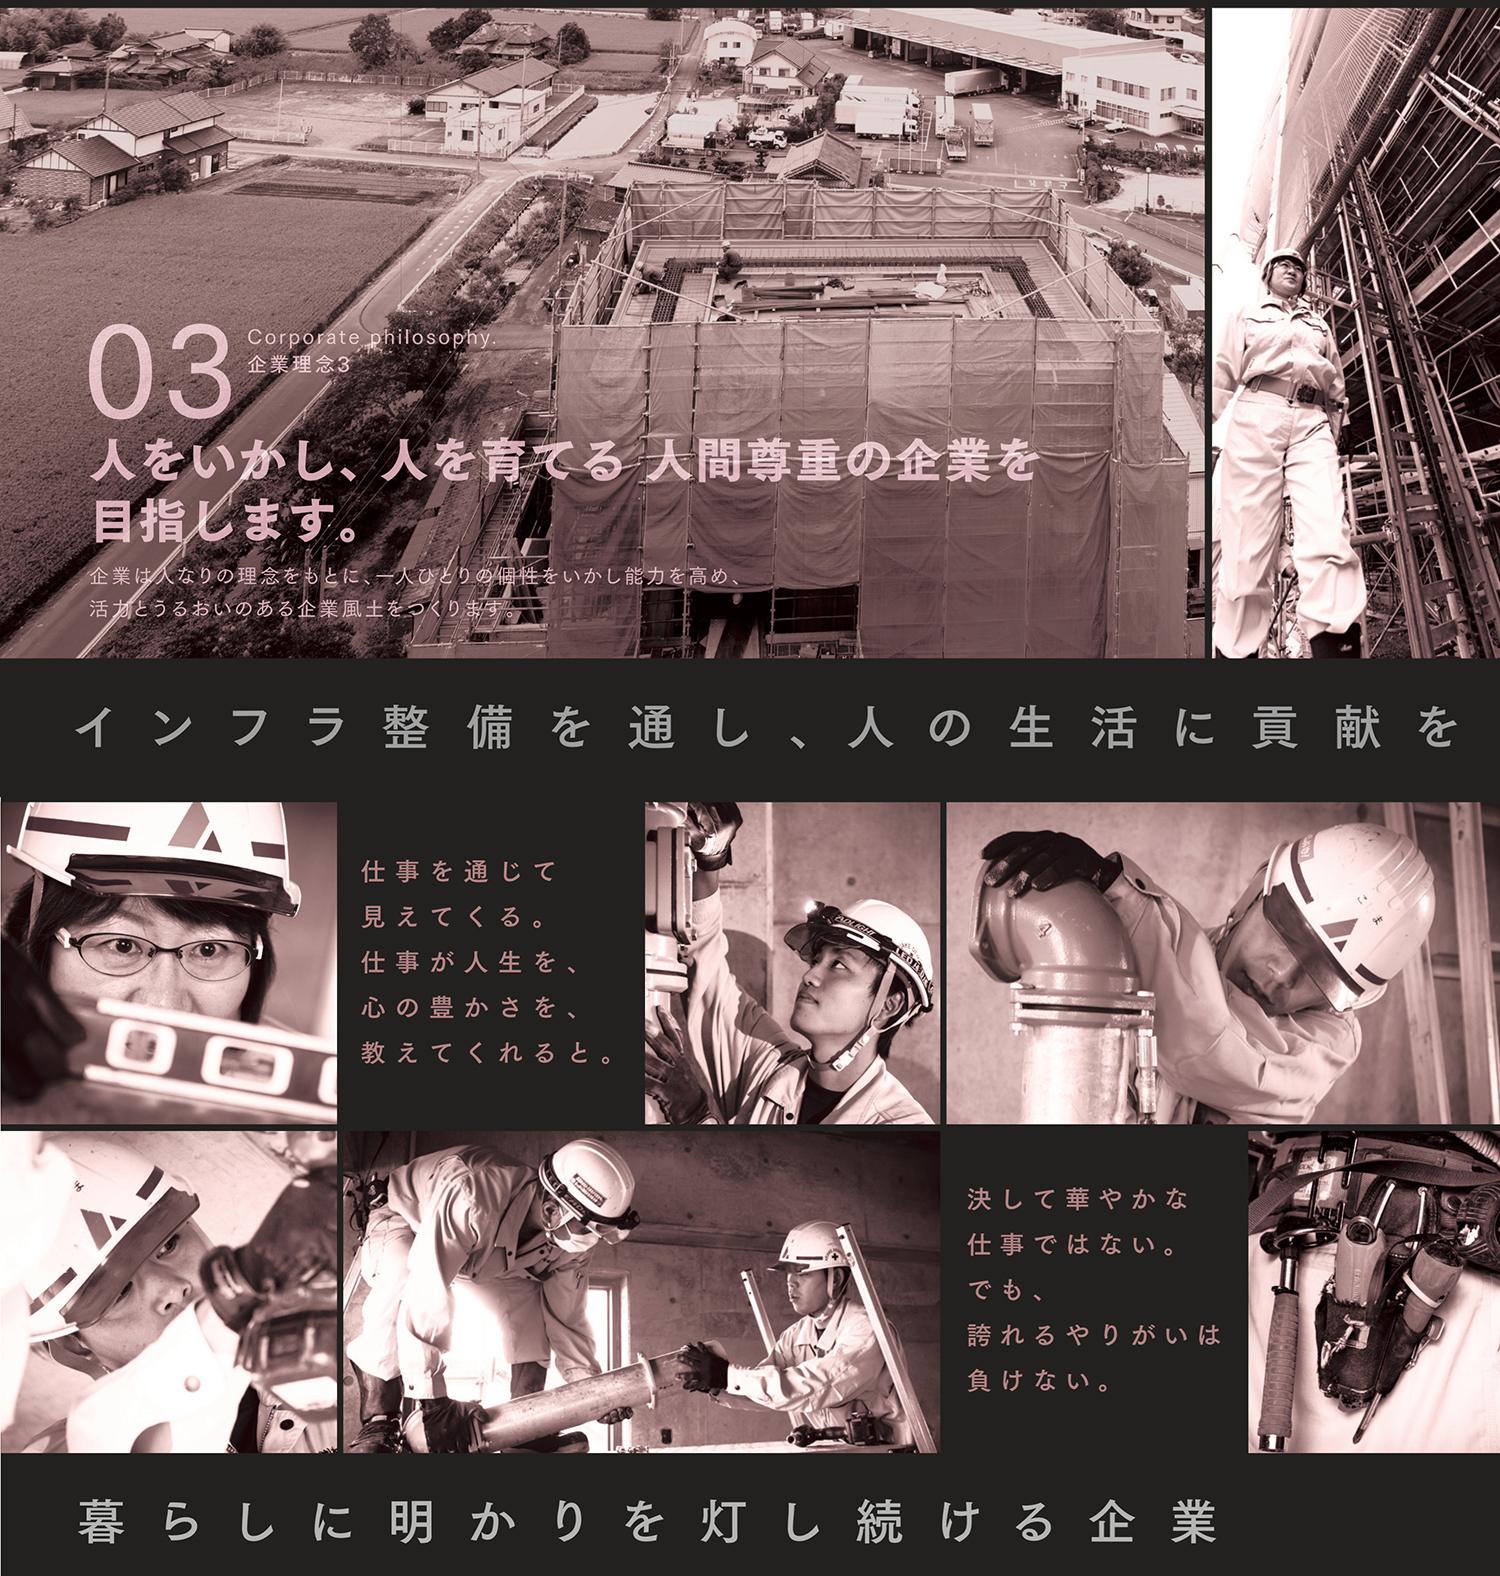 企業理念03